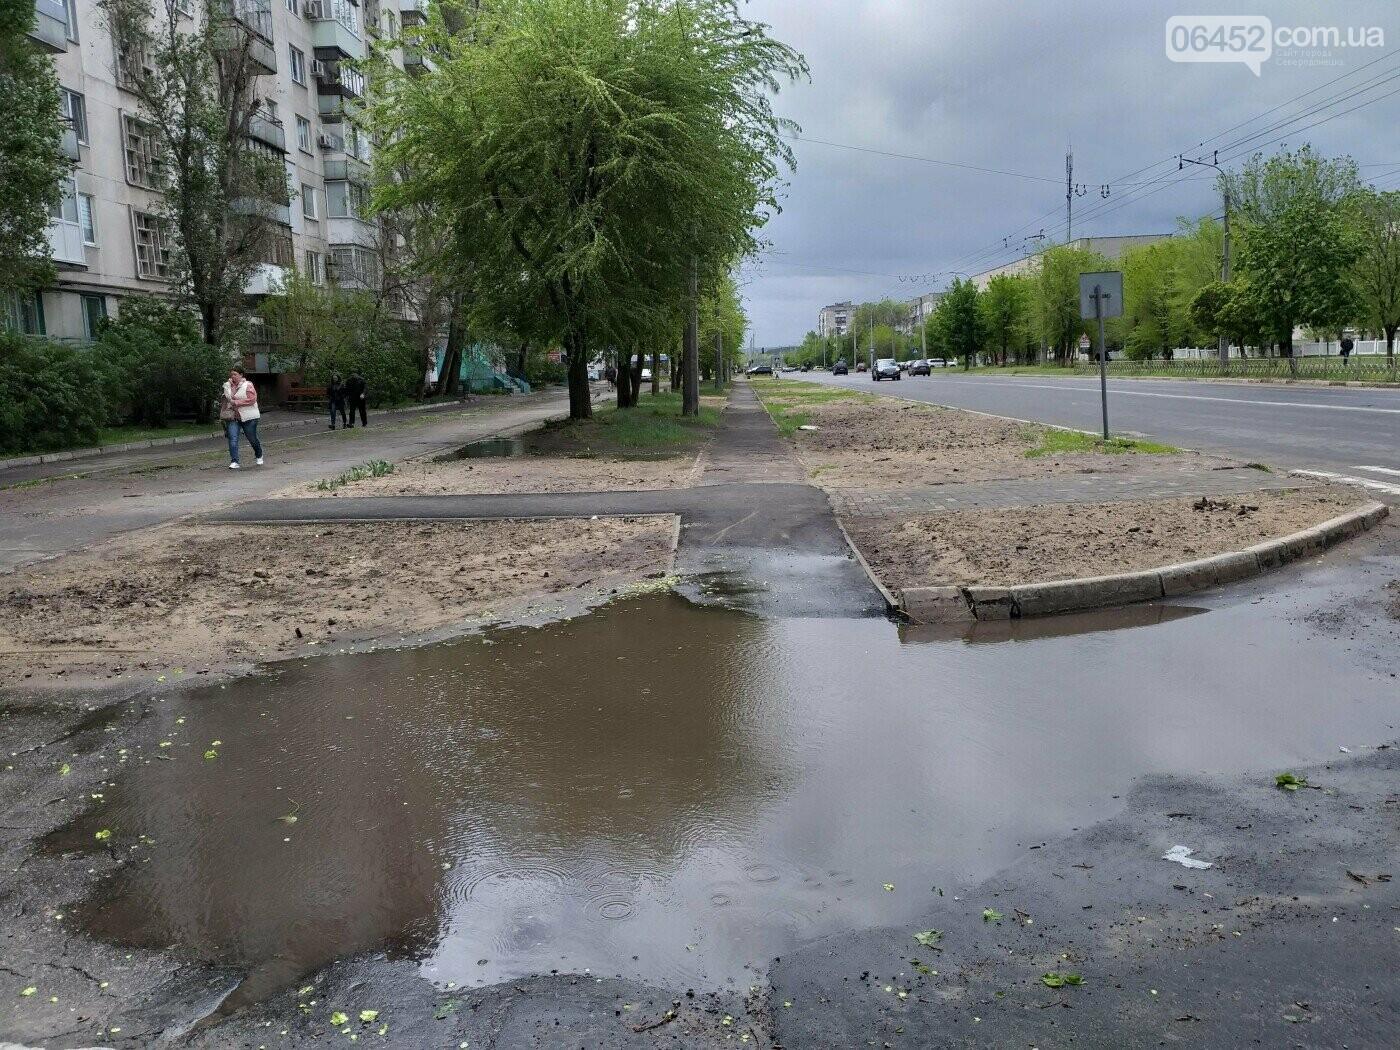 Северодончанам объяснили, почему в городе не продолжаются работы по укладке тротуарной плитки, фото-5